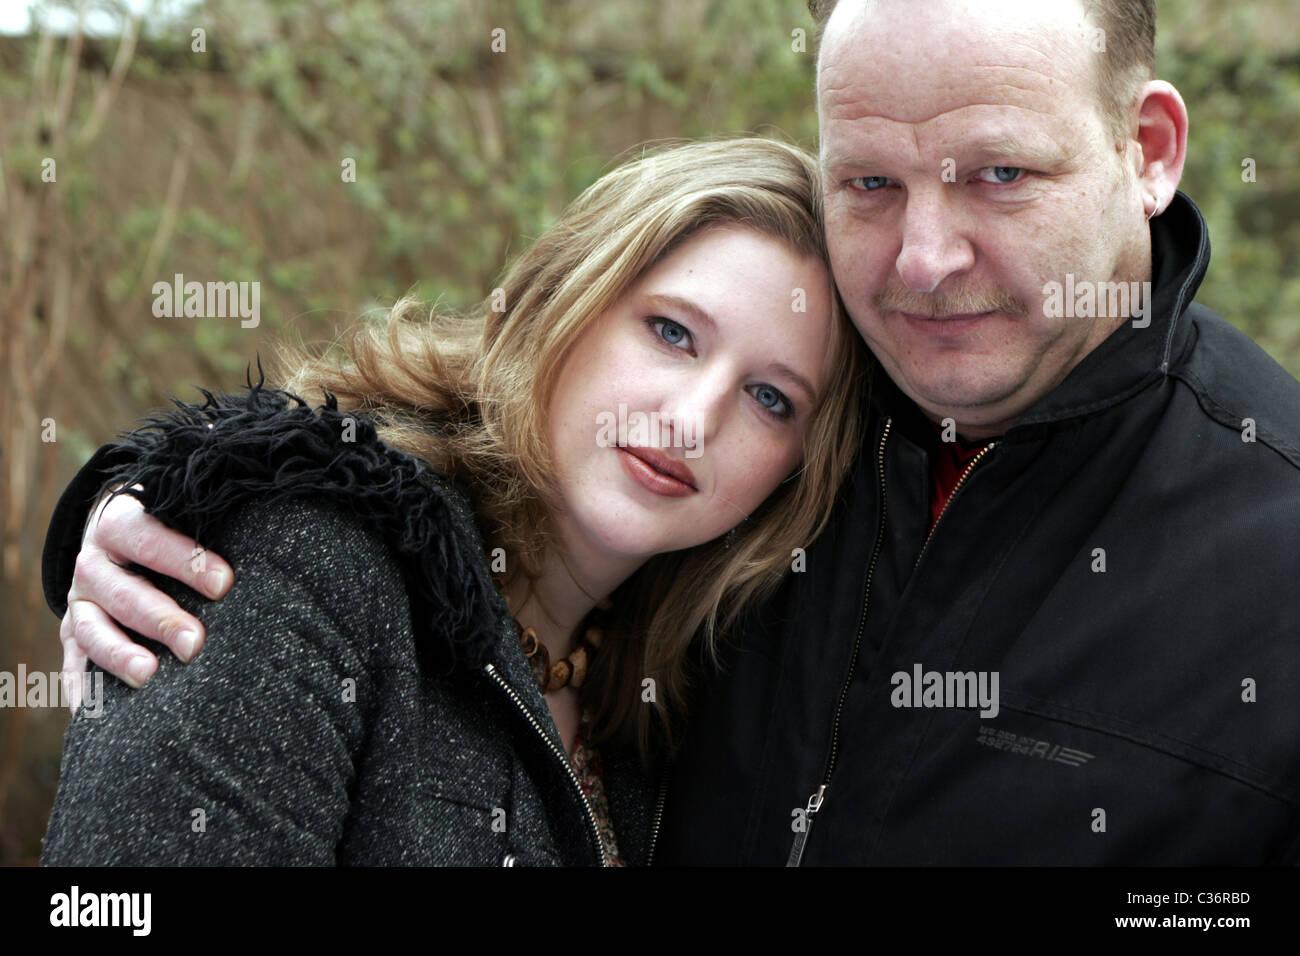 vecchio uomo più giovane donna dating Cose da sapere prima di uscire con uno scorpione